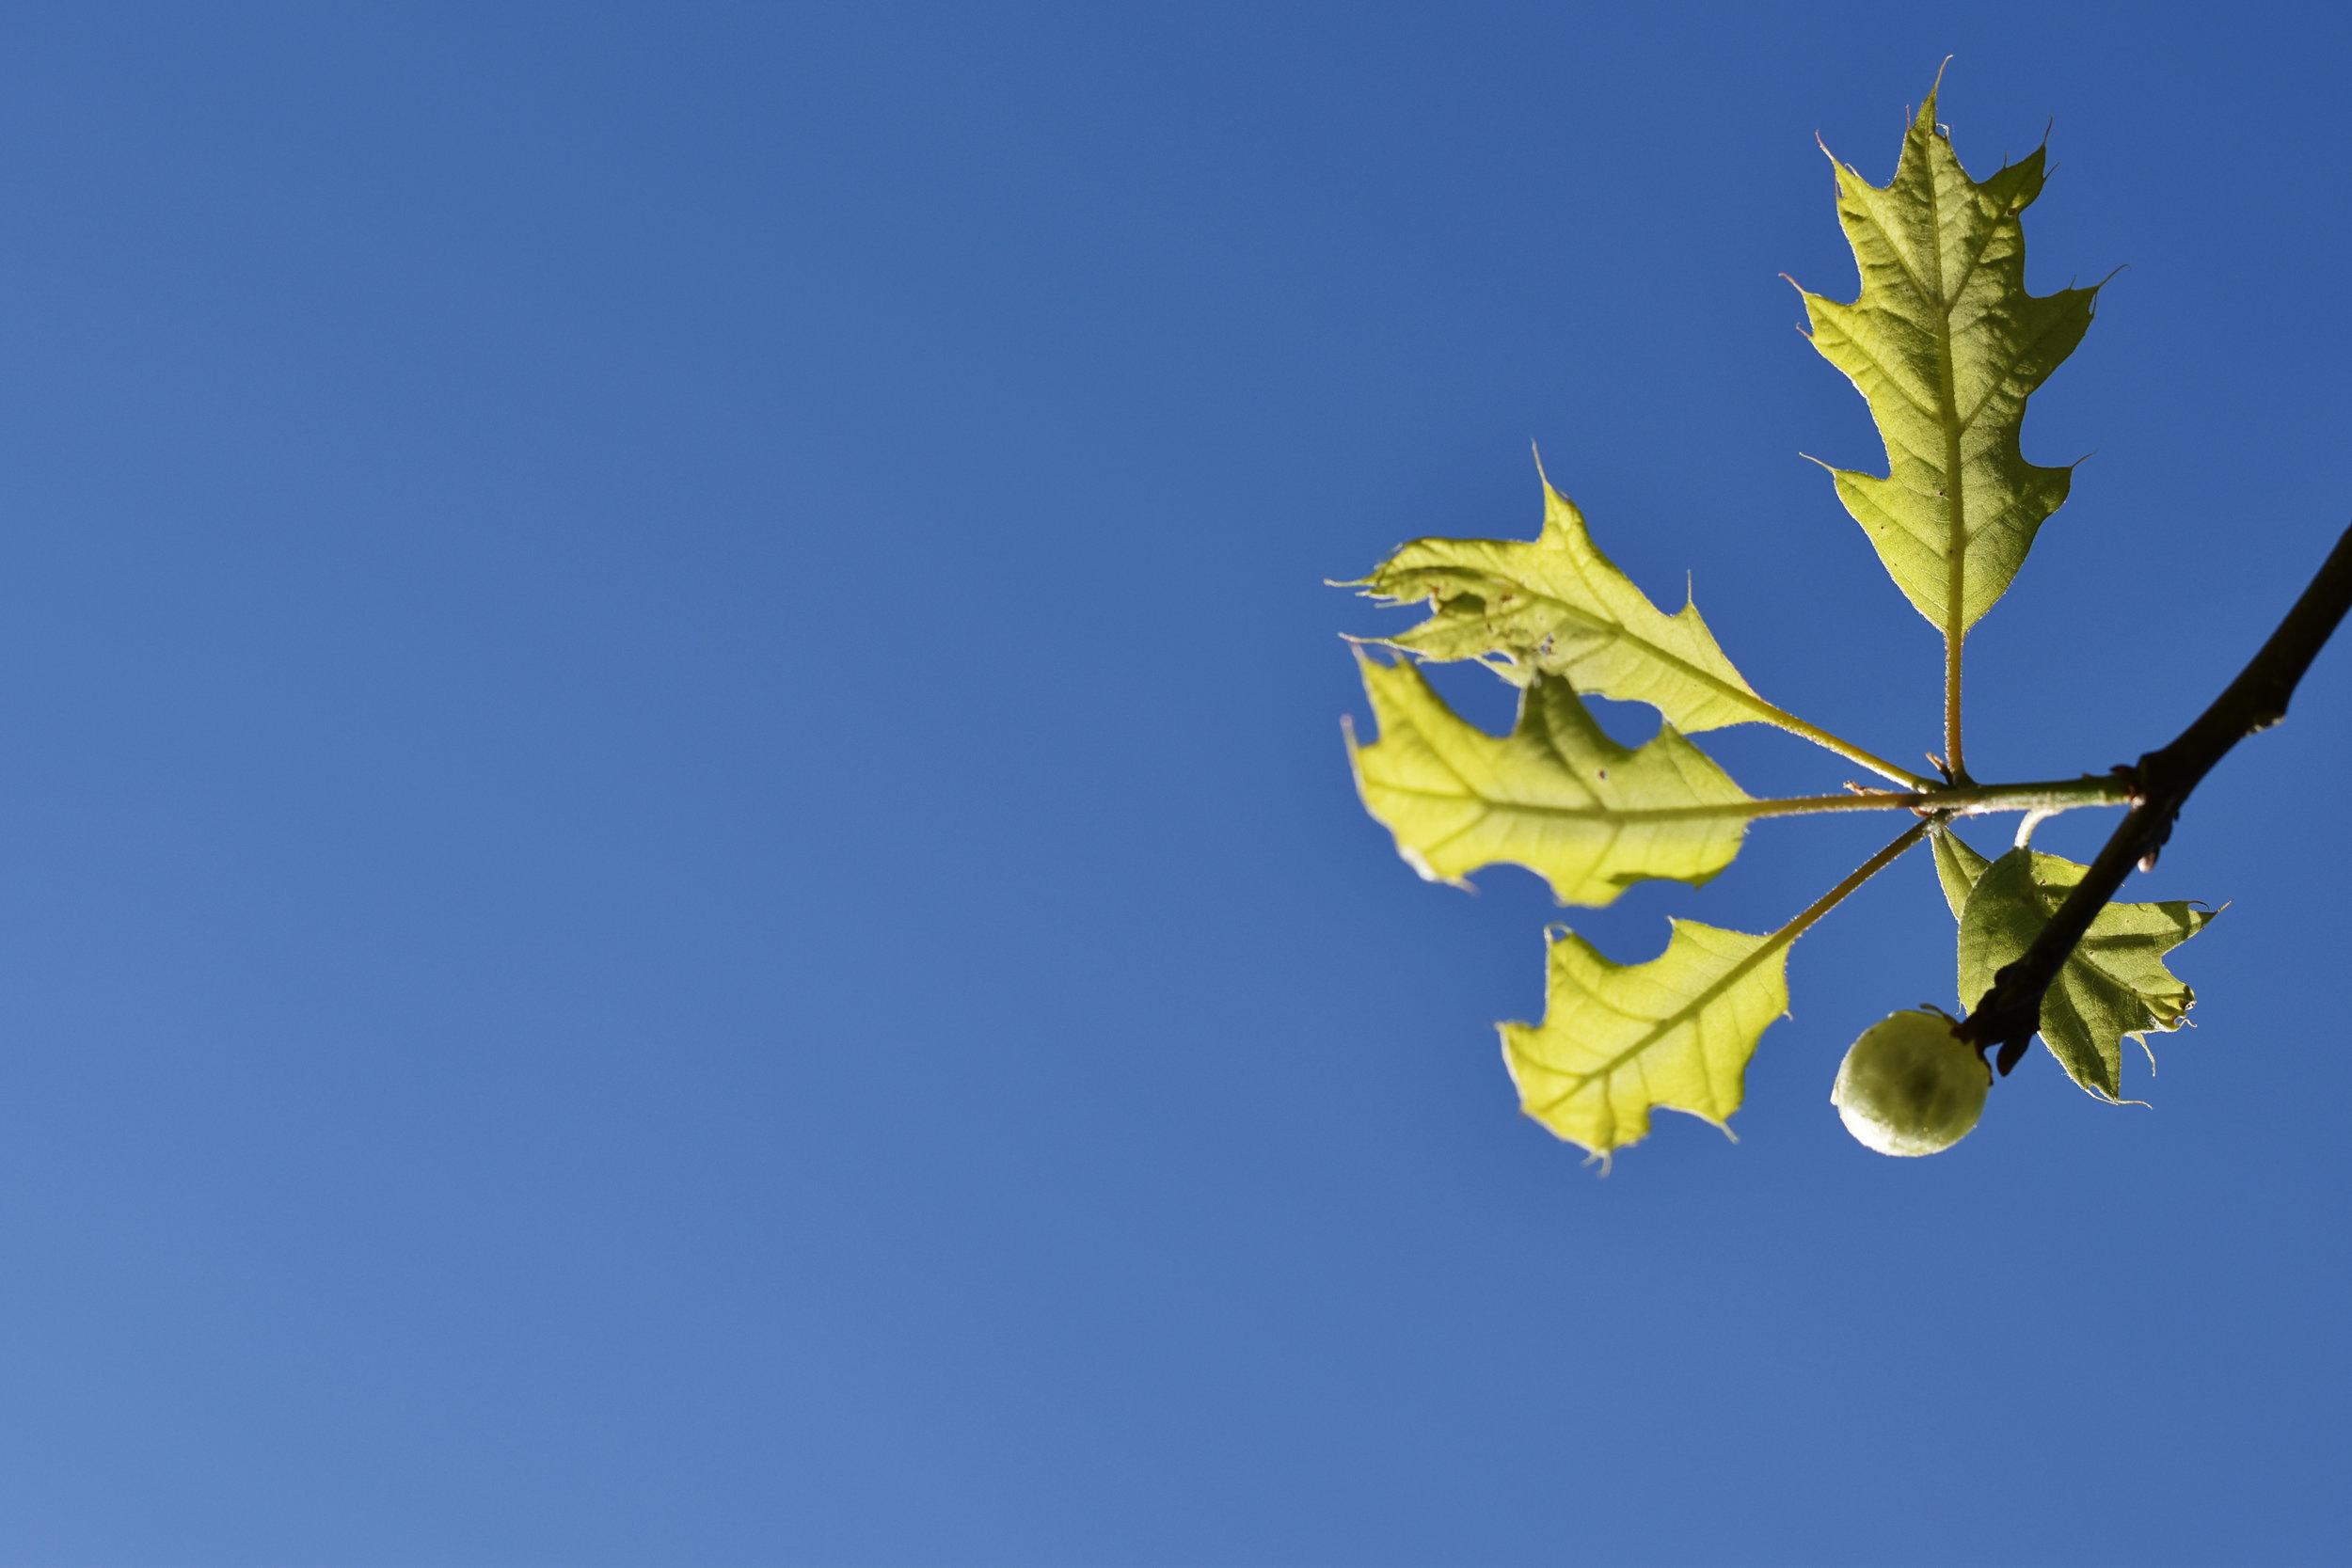 D5600 green leaves against blue sky by kellie bieser.jpg